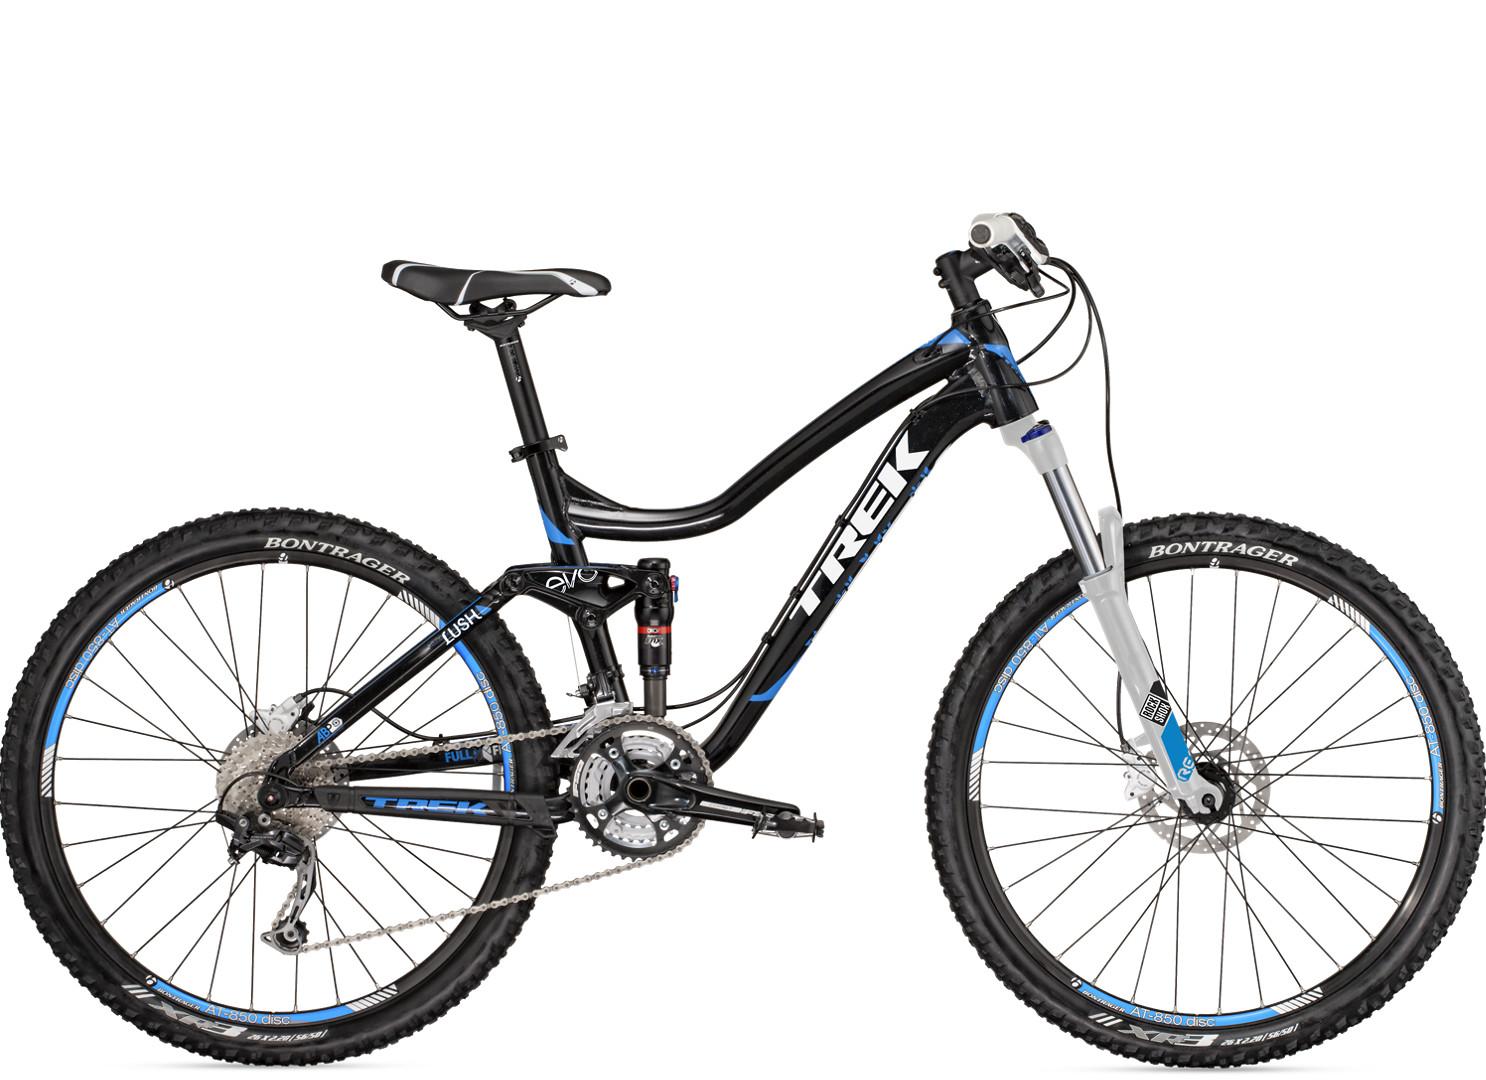 2012 Trek Lush Bike 26905